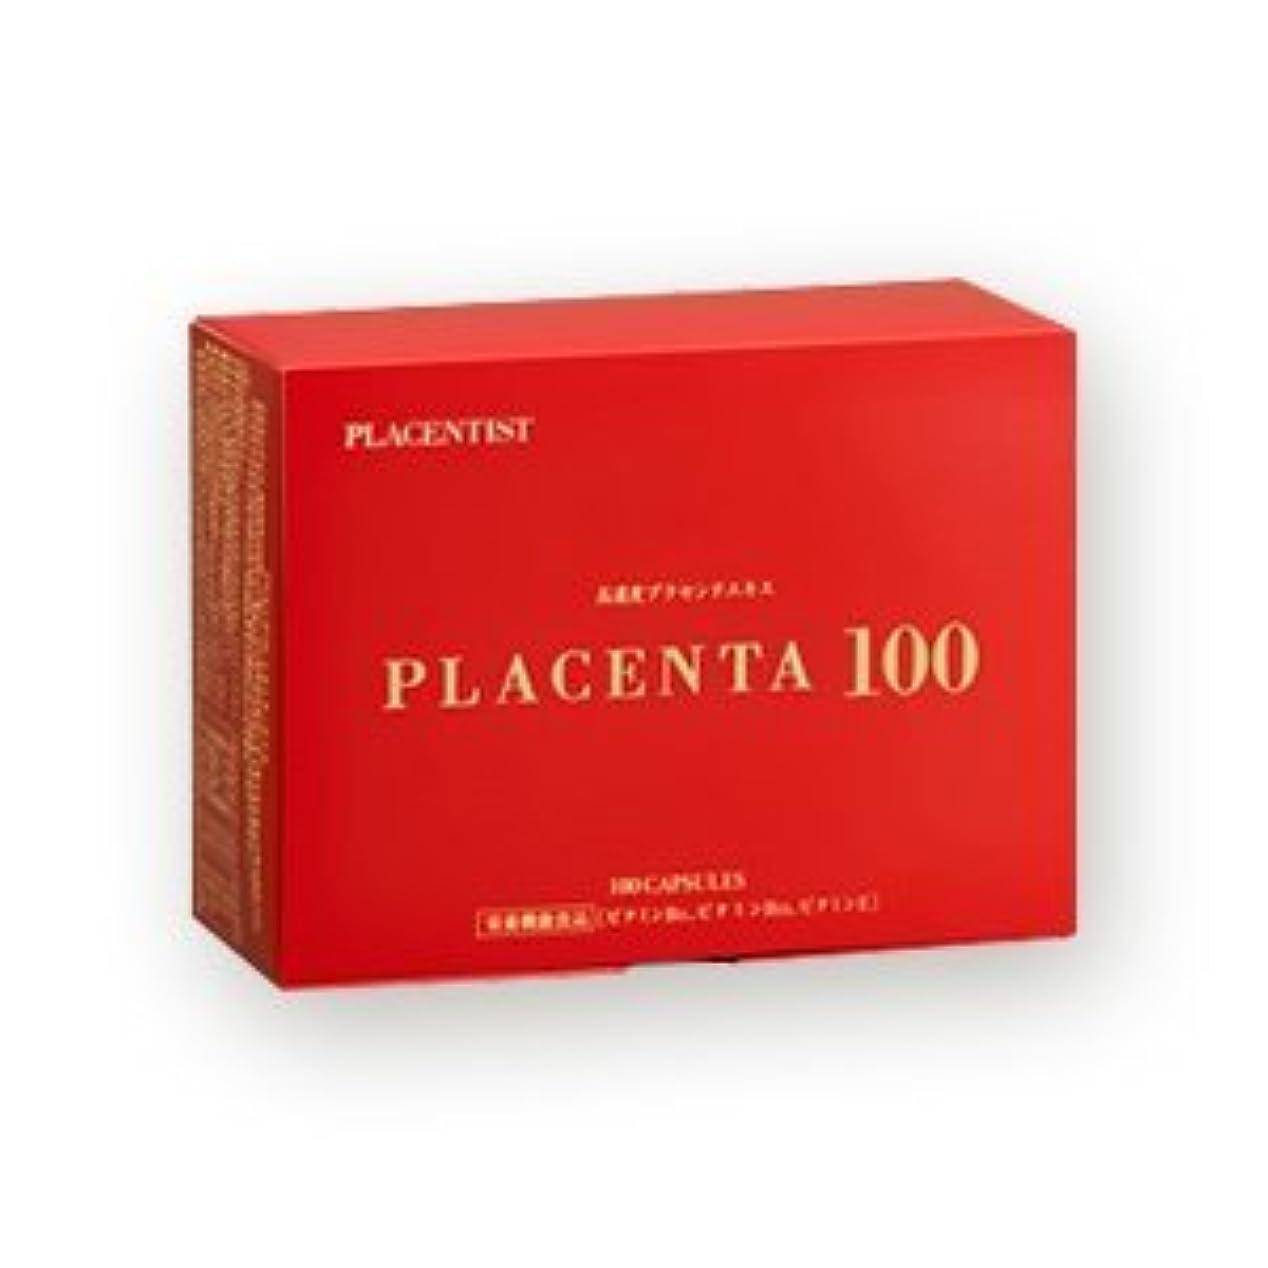 責任瞑想的シャンプープラセンタ100 レギュラーサイズ100粒 2箱